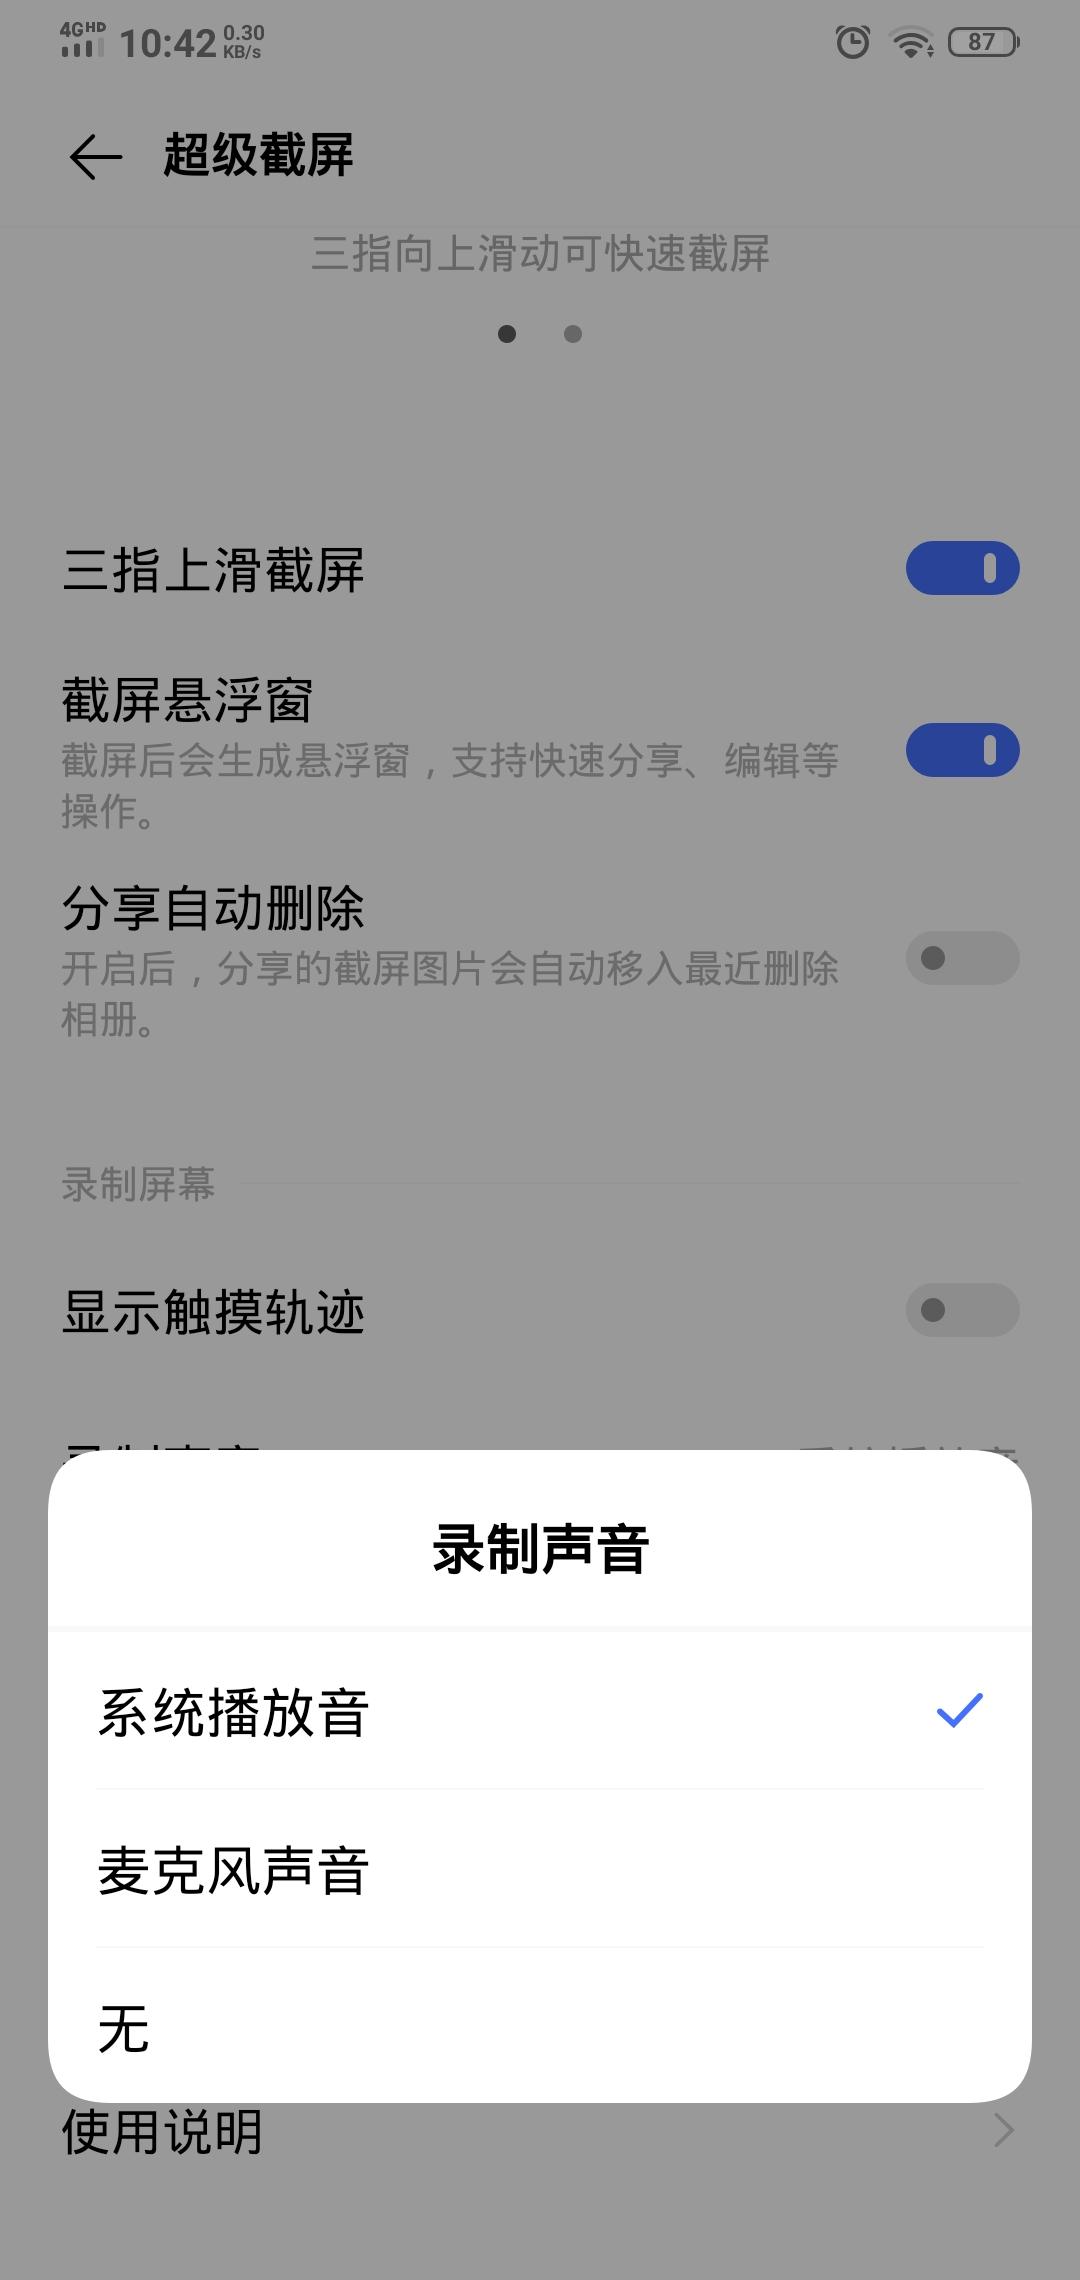 Screenshot_20200529_104212.jpg